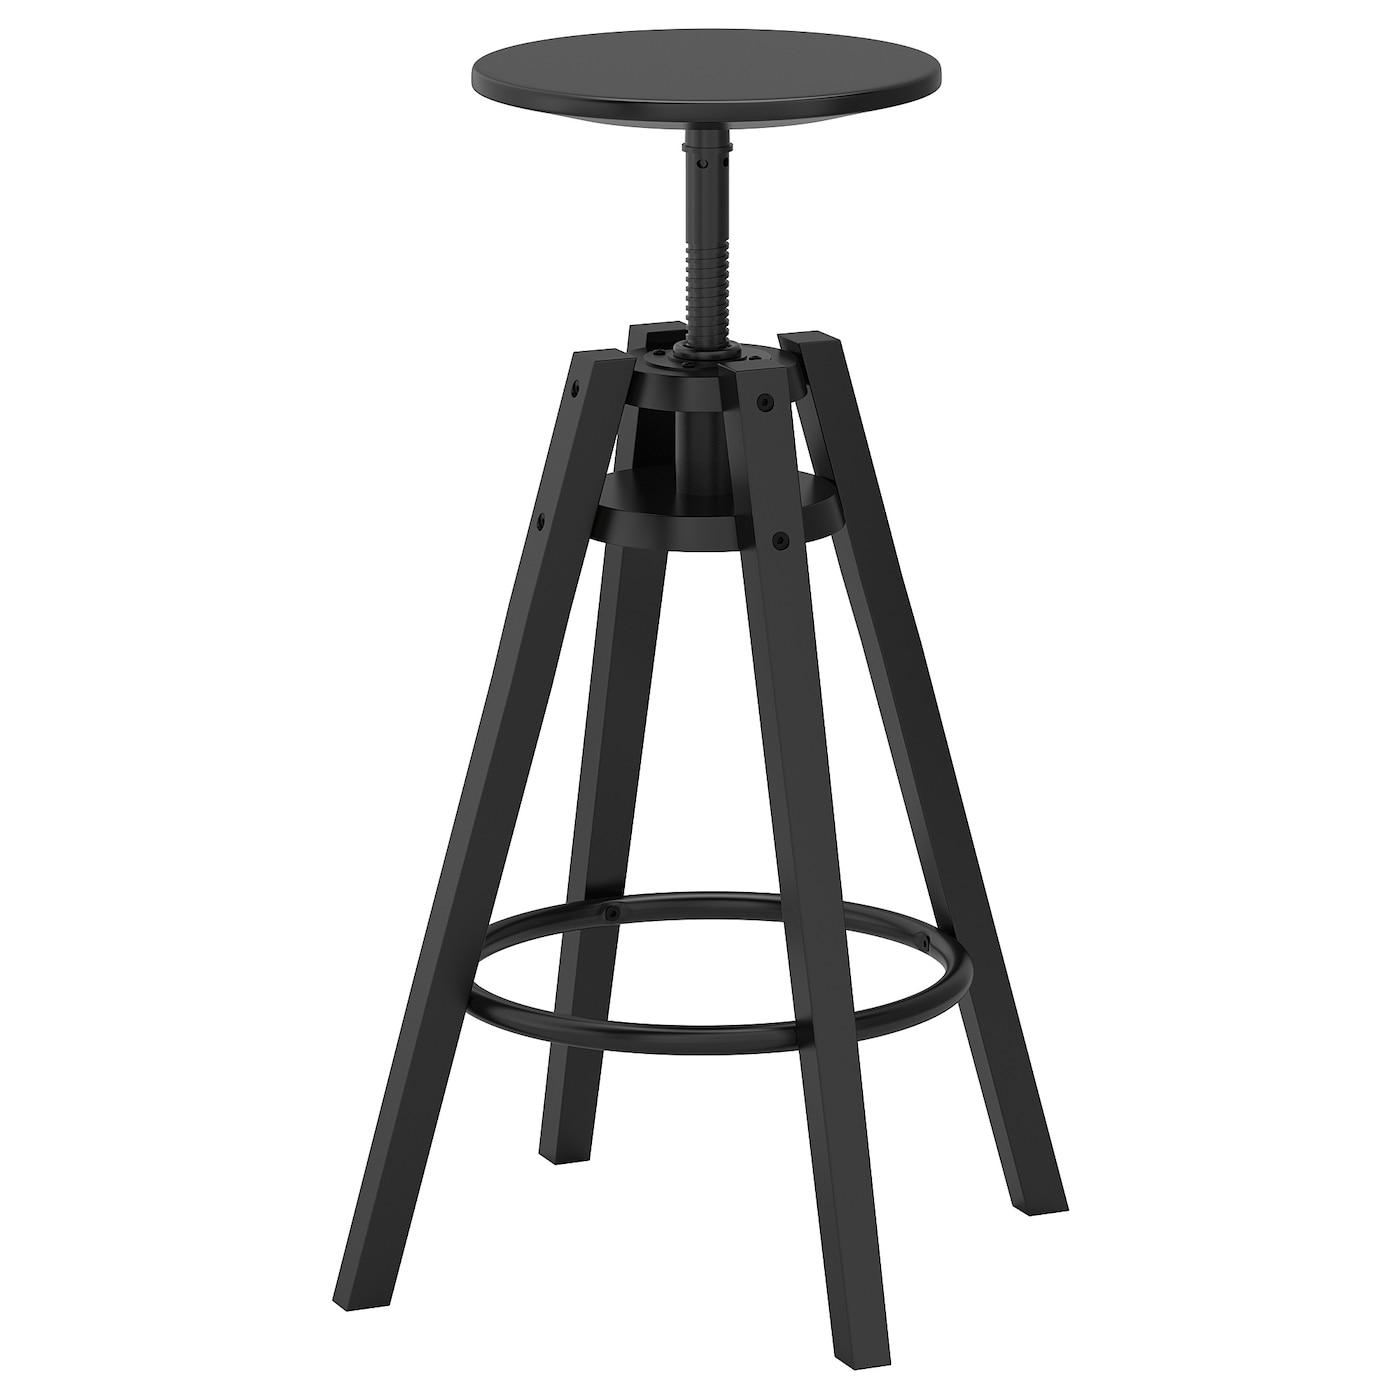 DALFRED Bar stool   black 9 9 cm